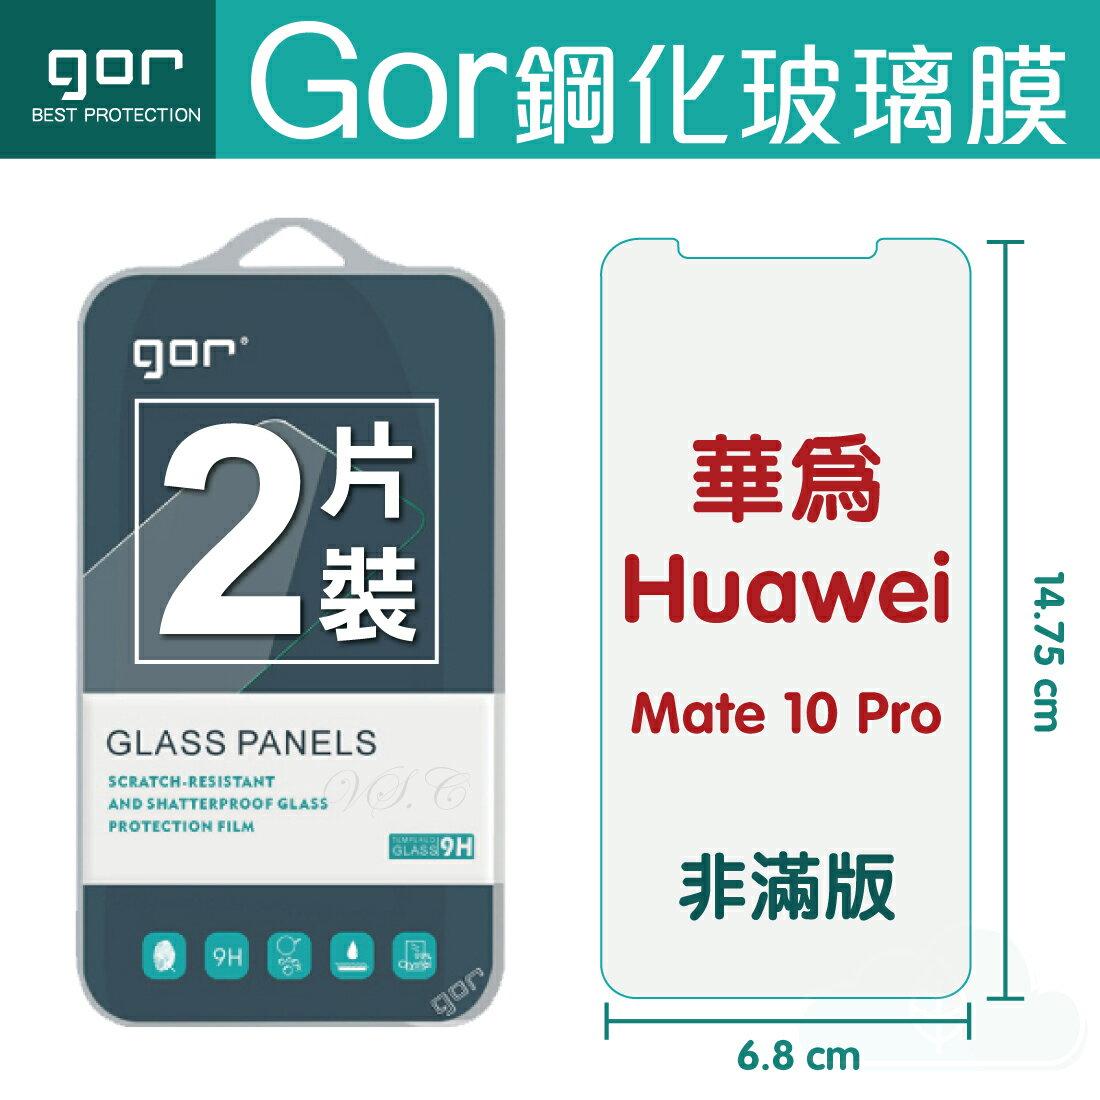 【HUAWEI】GOR 9H 華為 HUAWEI Mate10 Pro 鋼化 玻璃 保護貼 全透明非滿版 兩片裝【全館滿299免運費】